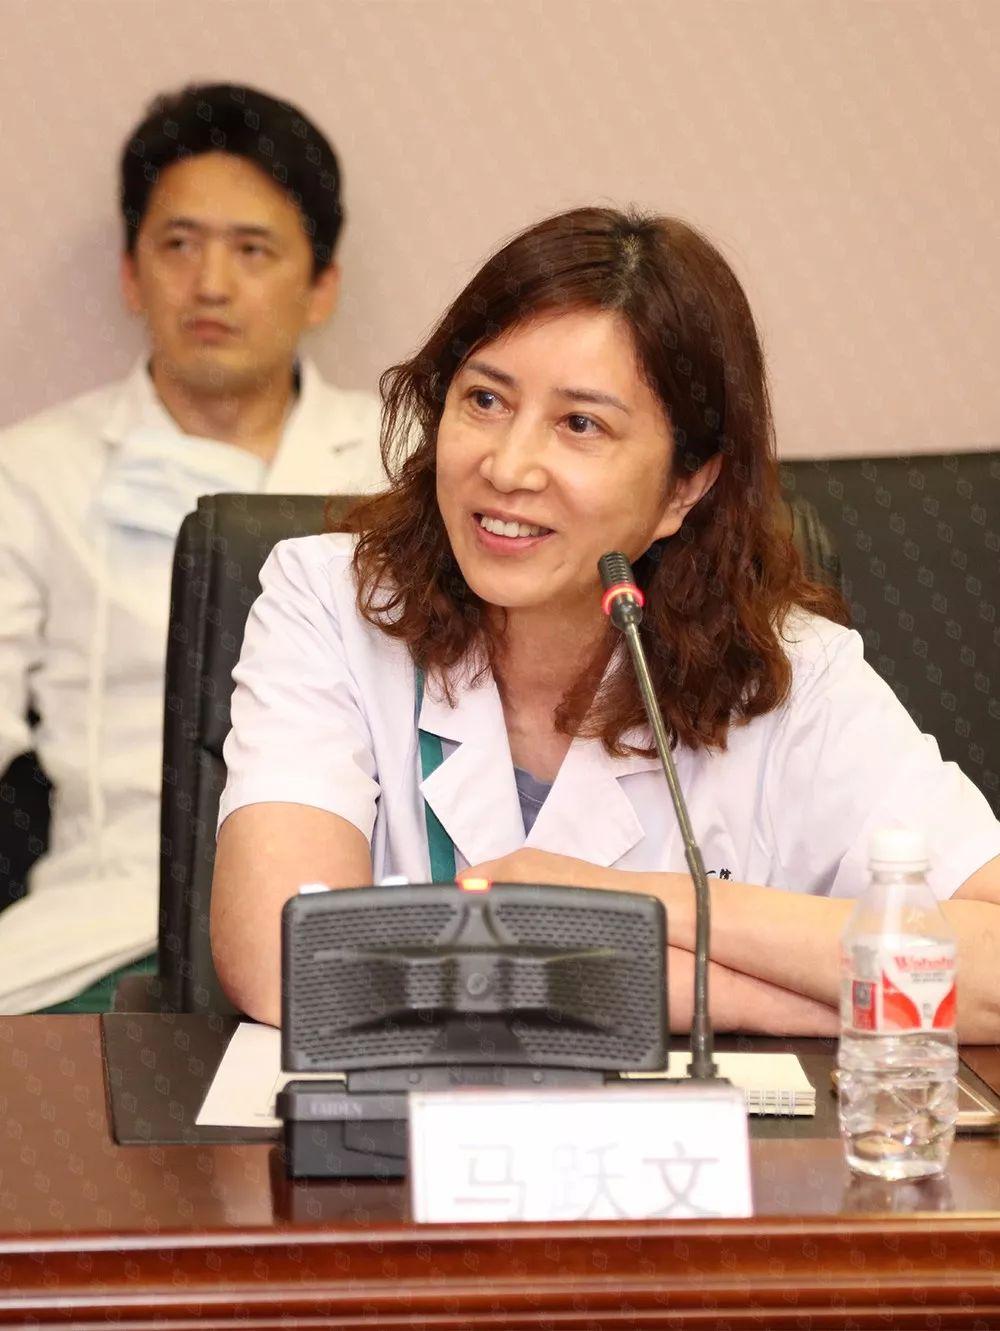 中国医科大学附属第一医院康复科主任马跃文教授发言。